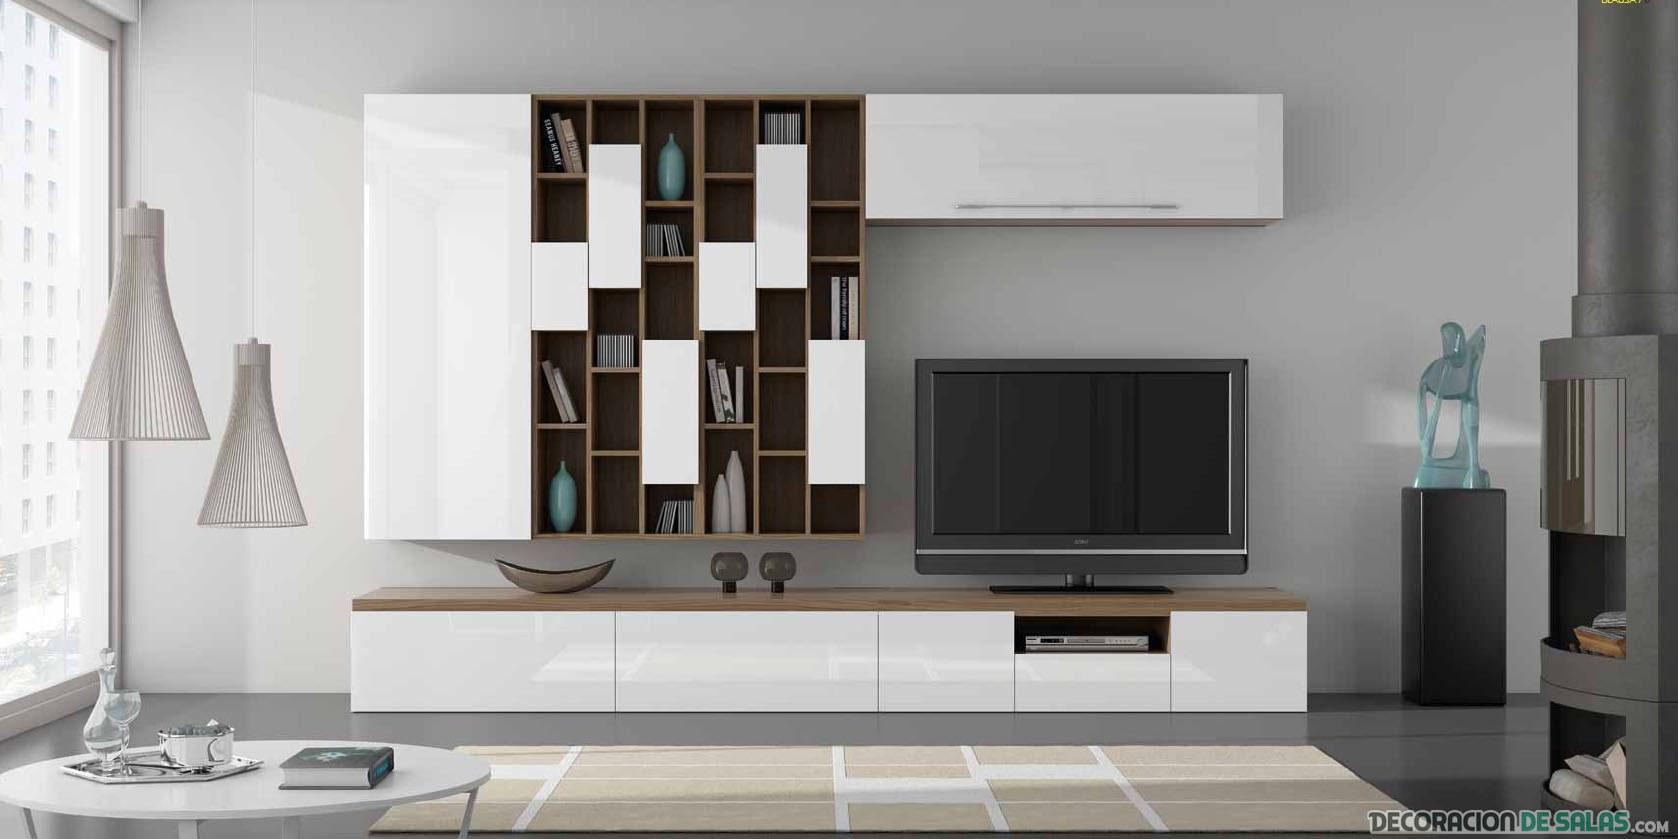 mueble del salón en color blanco